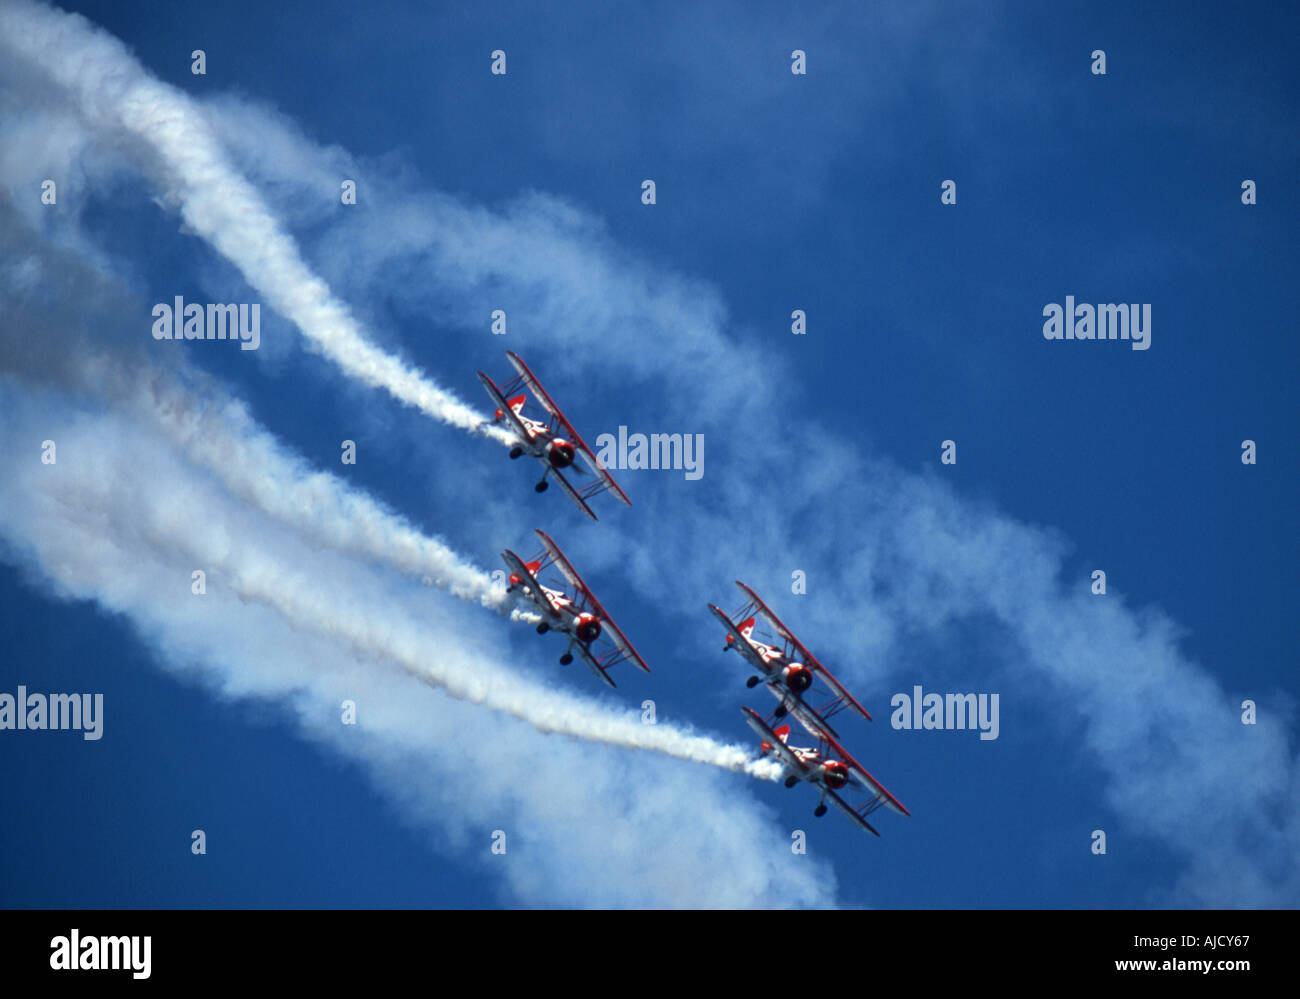 Bi planes Diving - Stock Image